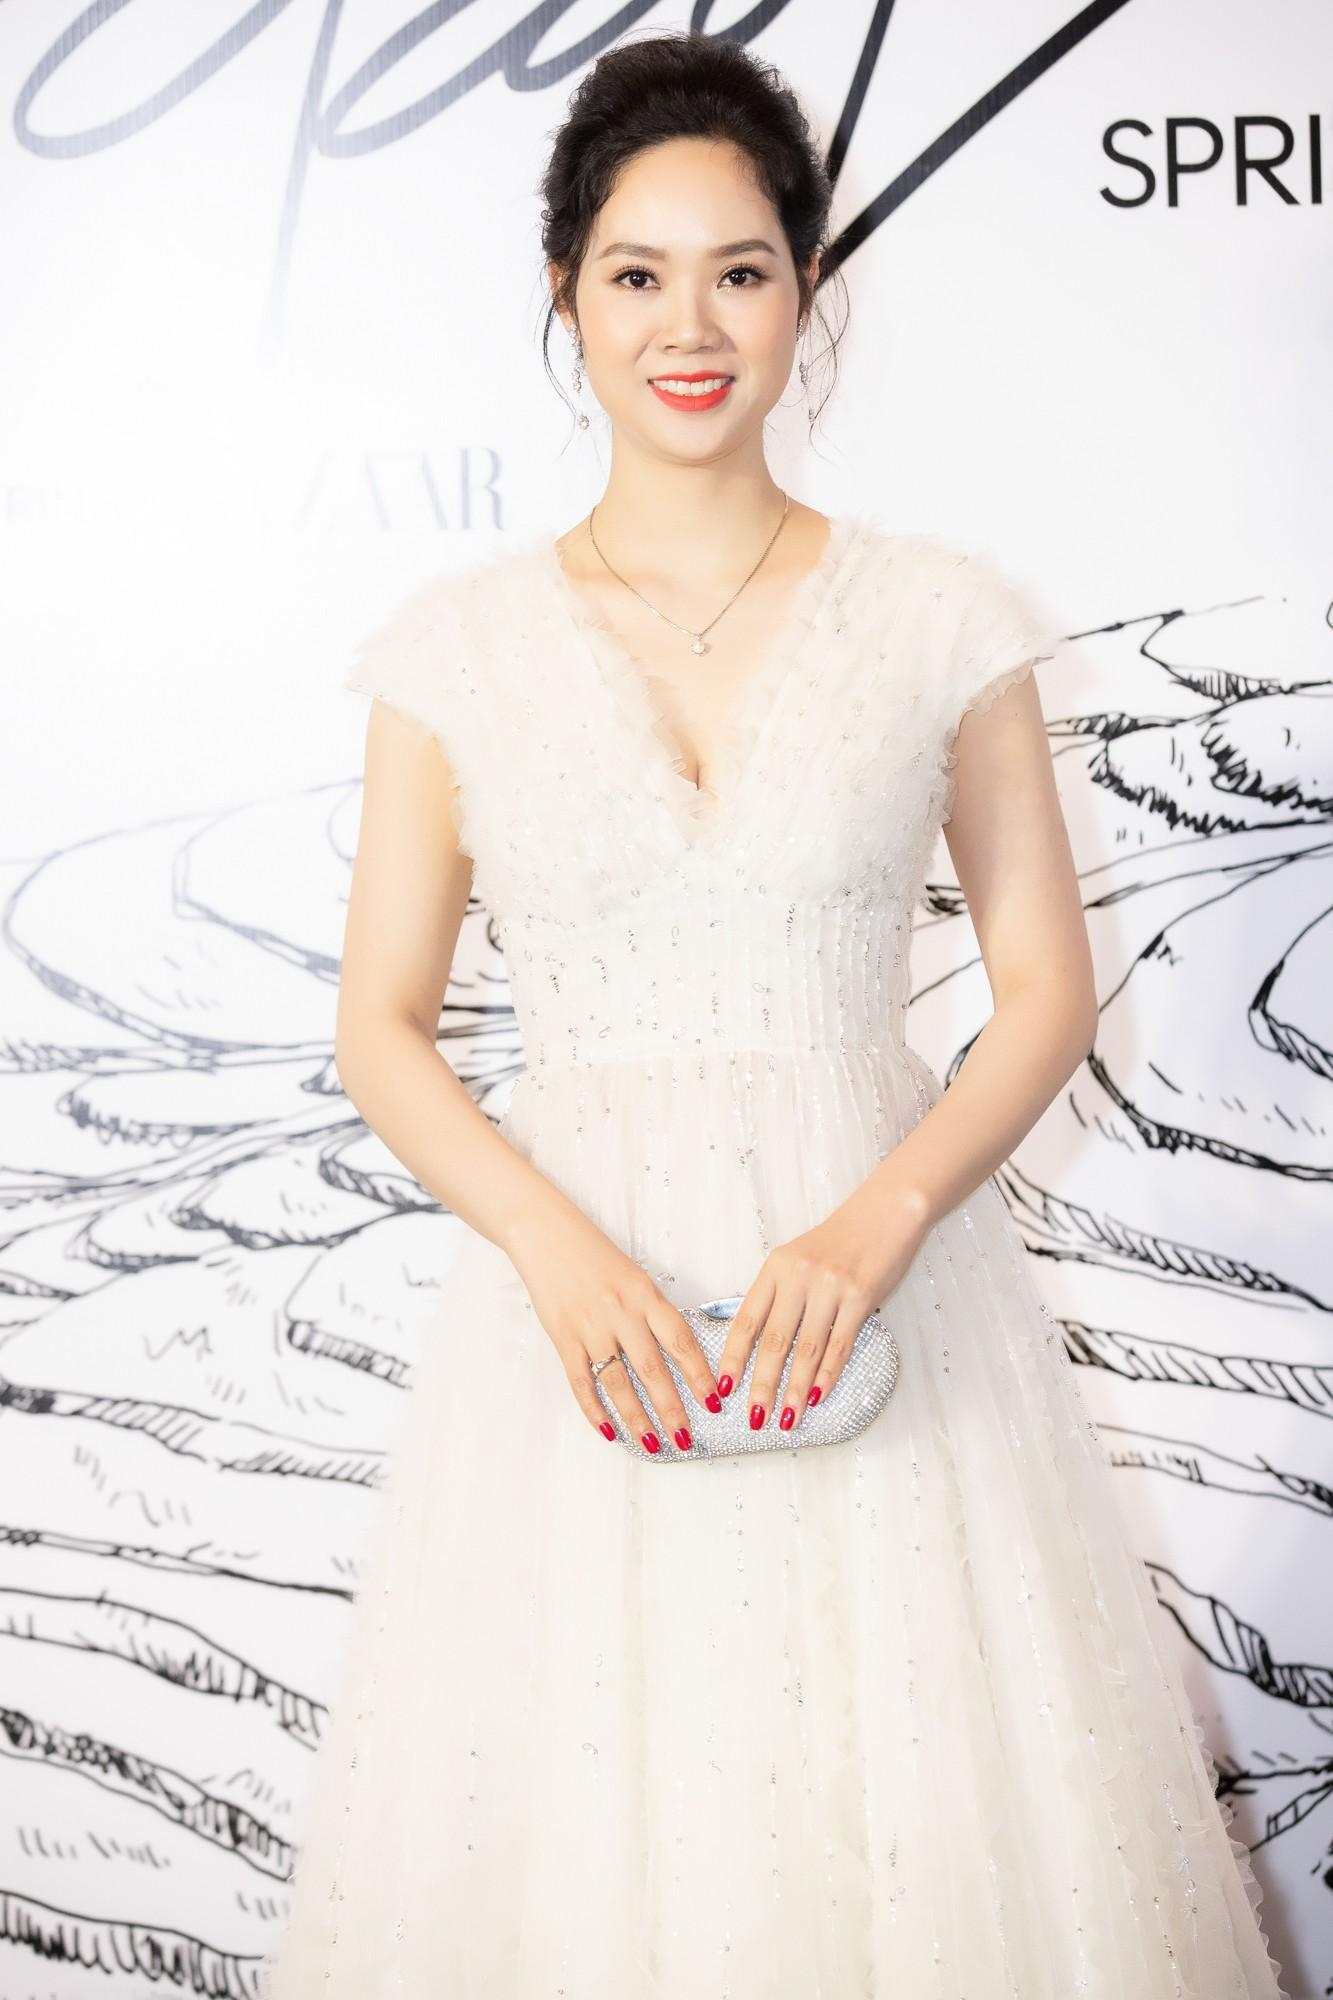 Giữa một dàn mỹ nhân giật giũ như Hari và Jun Vũ, Hoa hậu Đặng Thu Thảo giản dị mà vẫn trội bật - Ảnh 22.